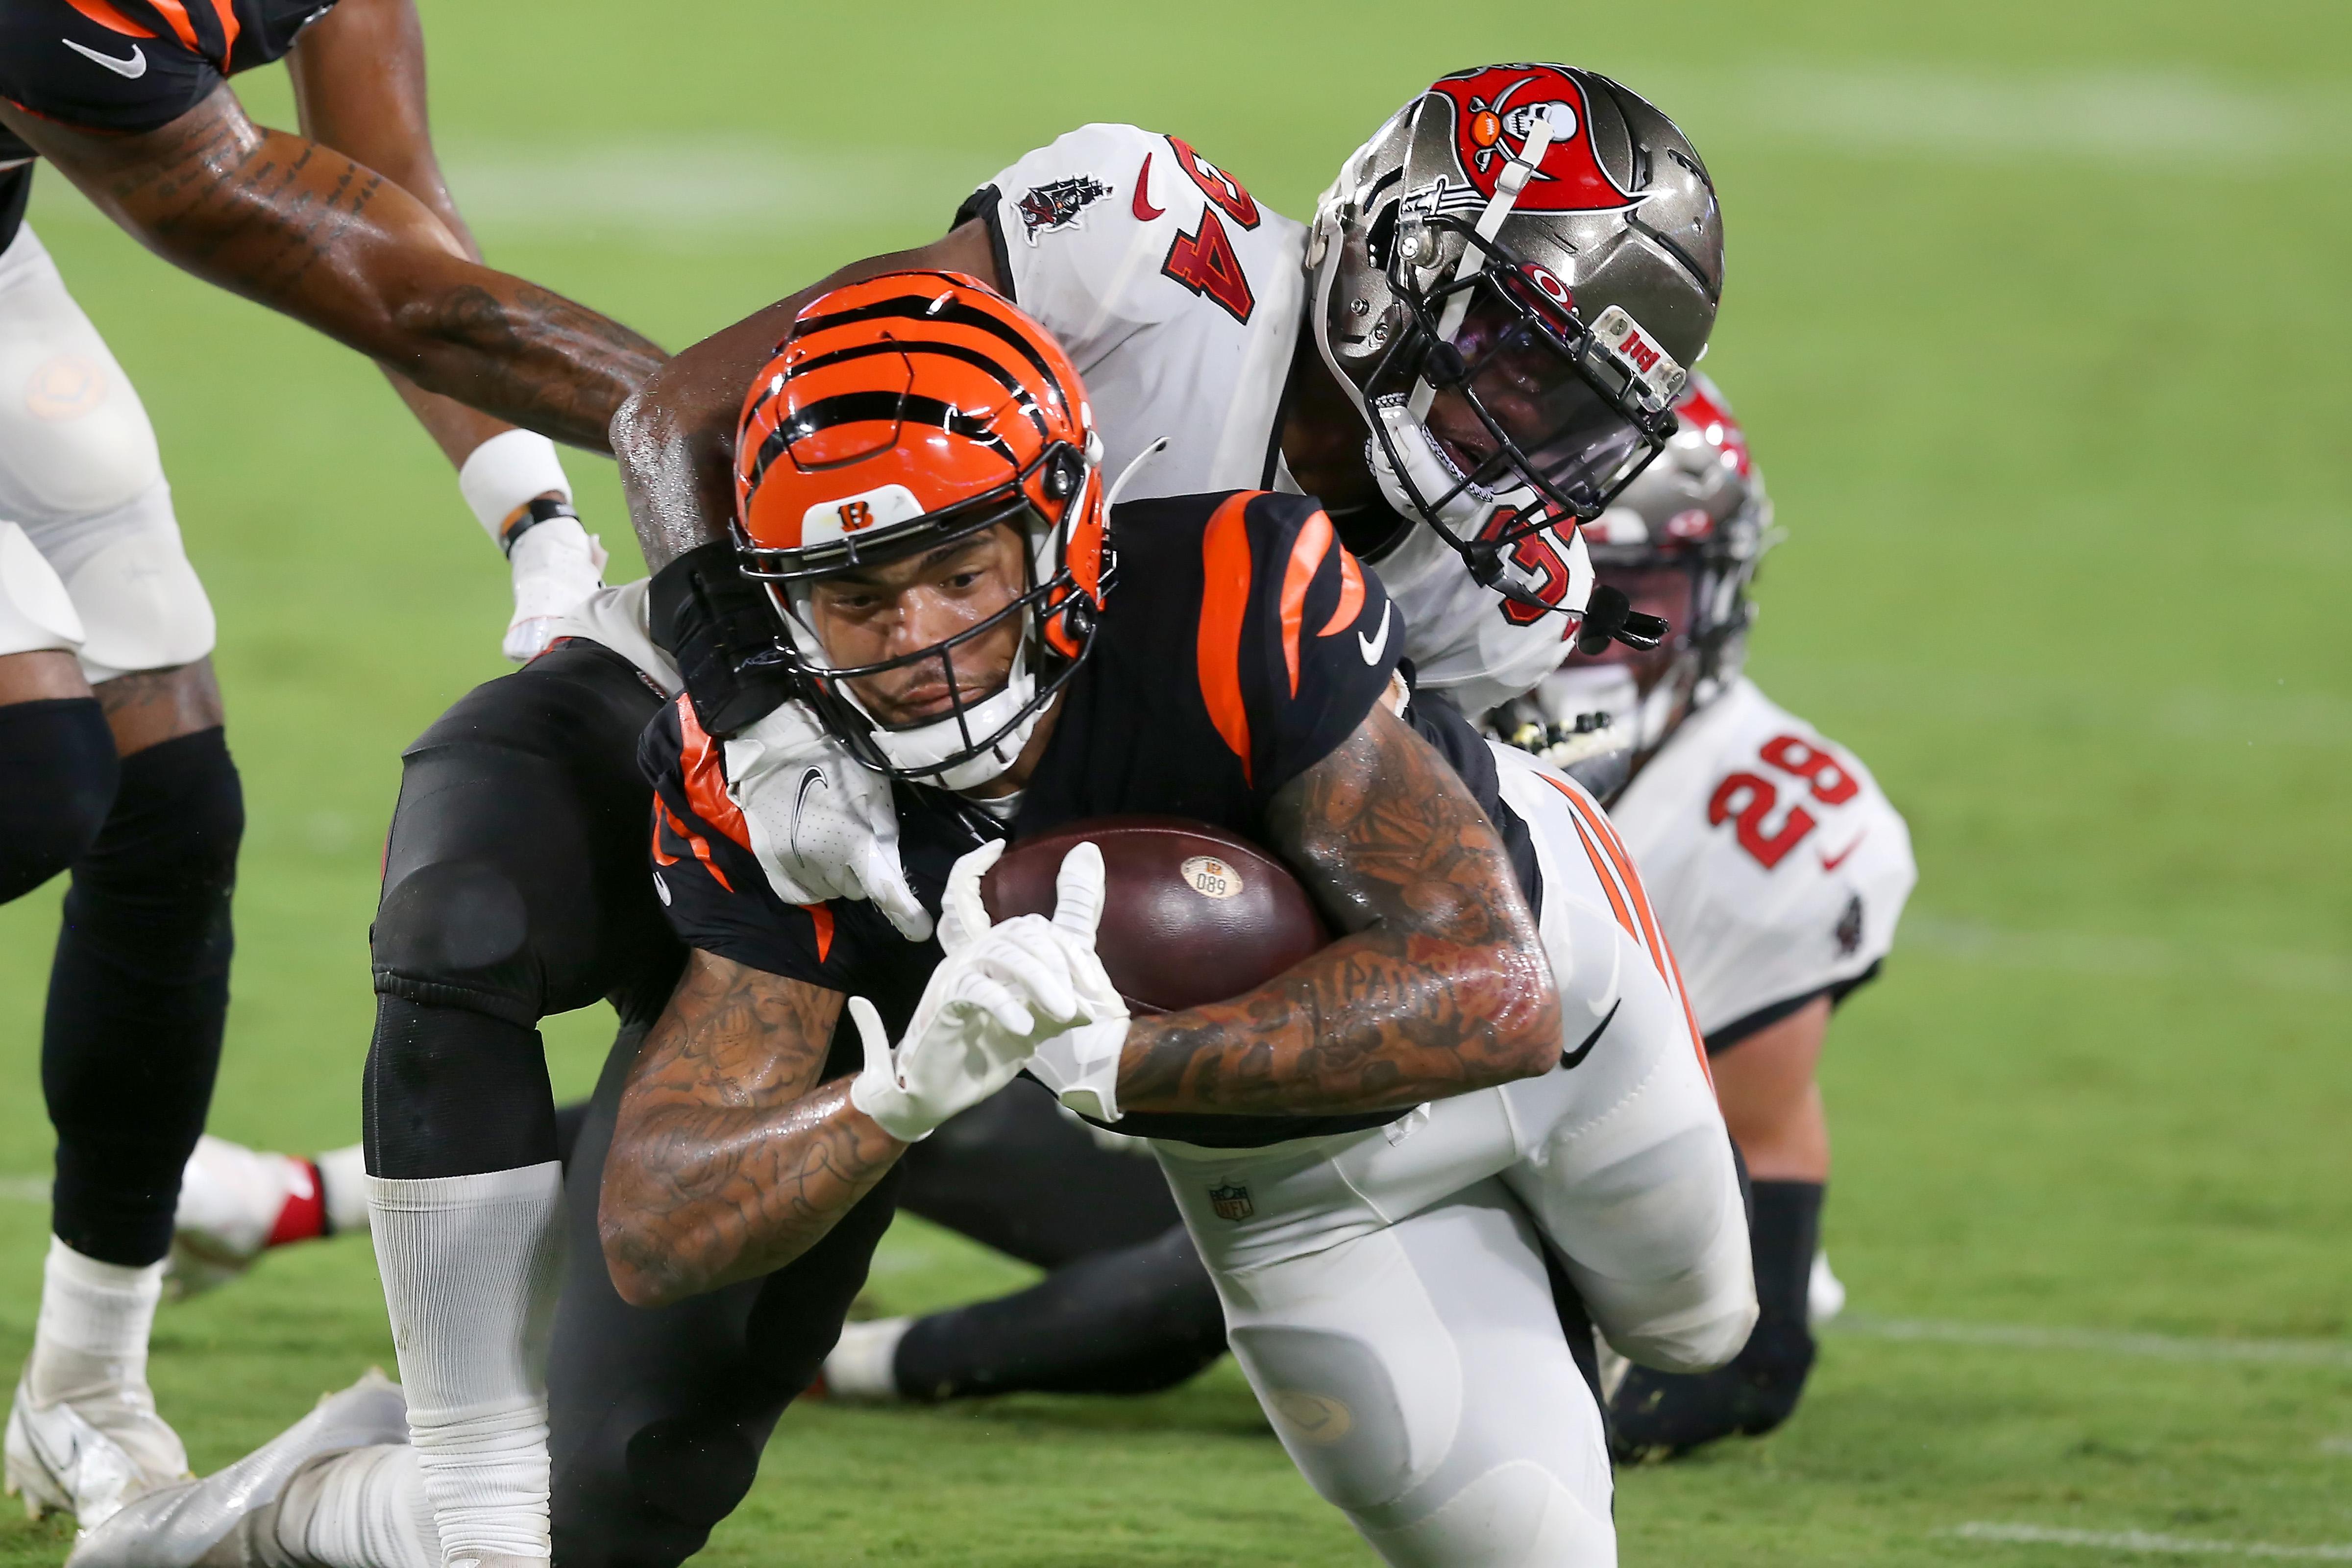 NFL: AUG 14 Preseason - Bengals at Buccaneers